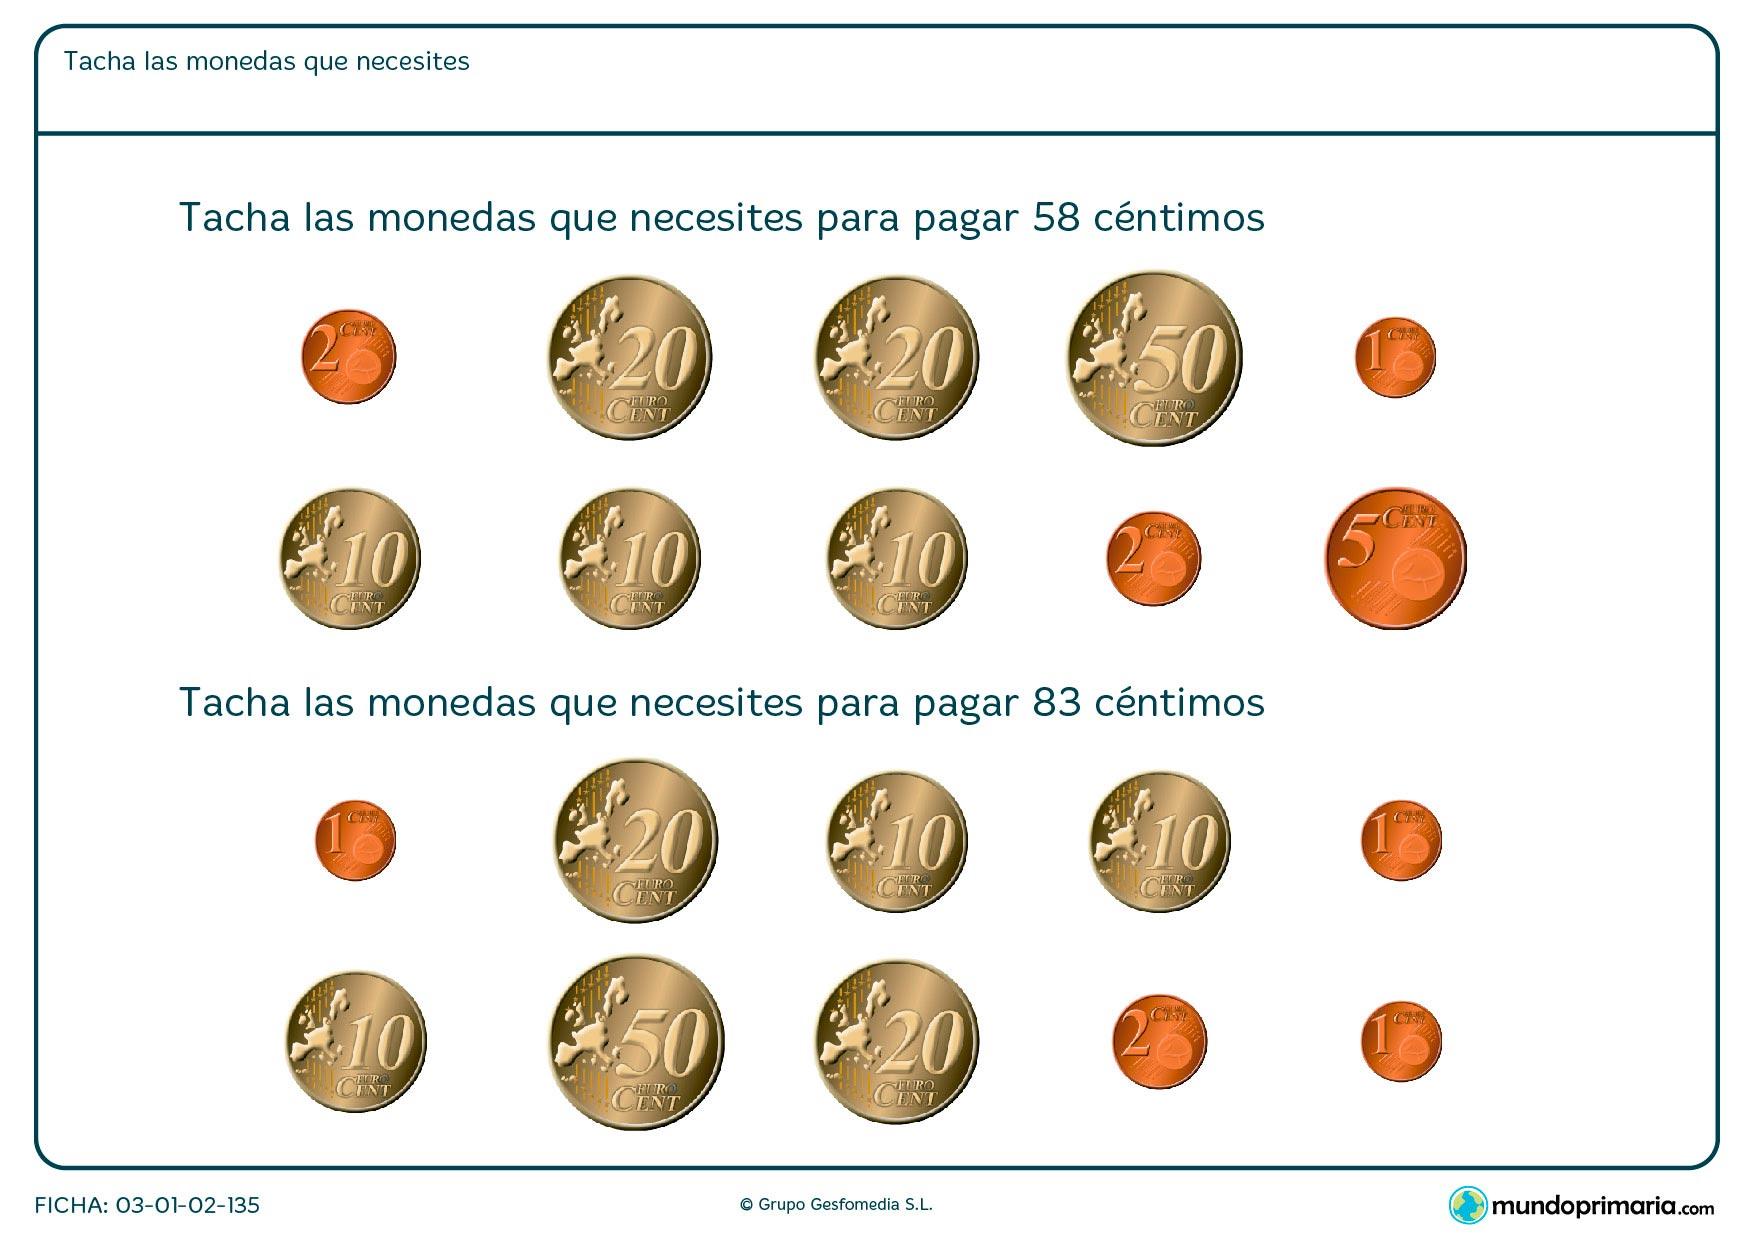 Ficha de pagar las monedas en la que hay que seleccionar el dinero que necesitas para pagar cierta cantidad.